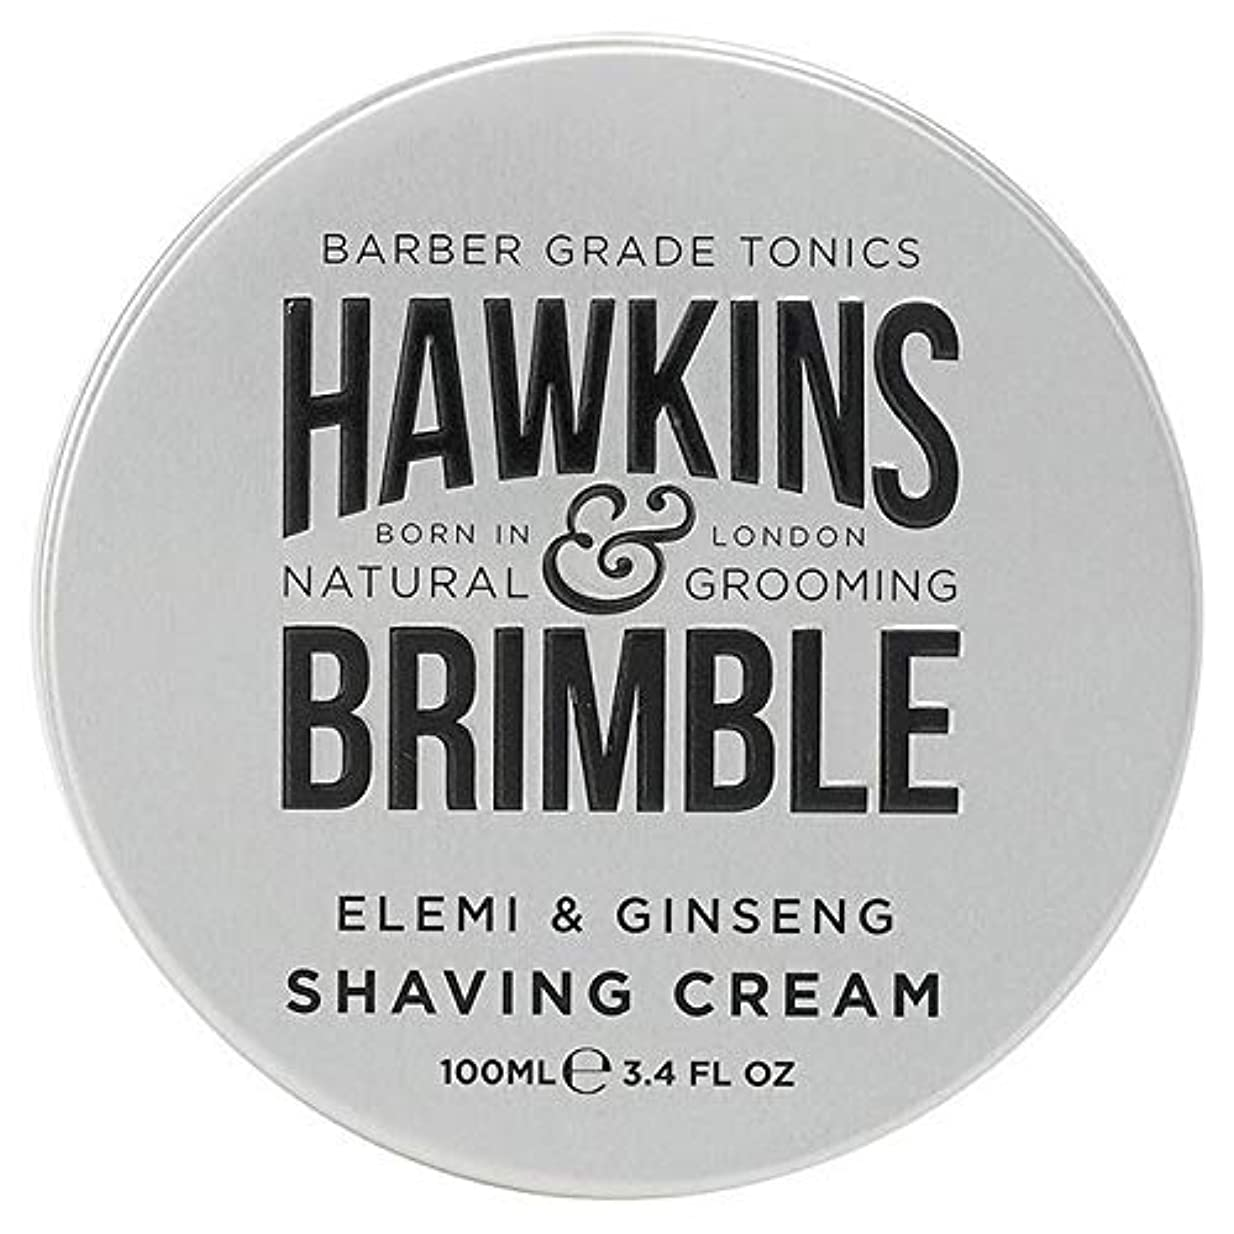 重荷ペット悲しい[Hawkins & Brimble] ホーキンス&Brimbleシェービングクリーム100ミリリットル - Hawkins & Brimble Shaving Cream 100ml [並行輸入品]